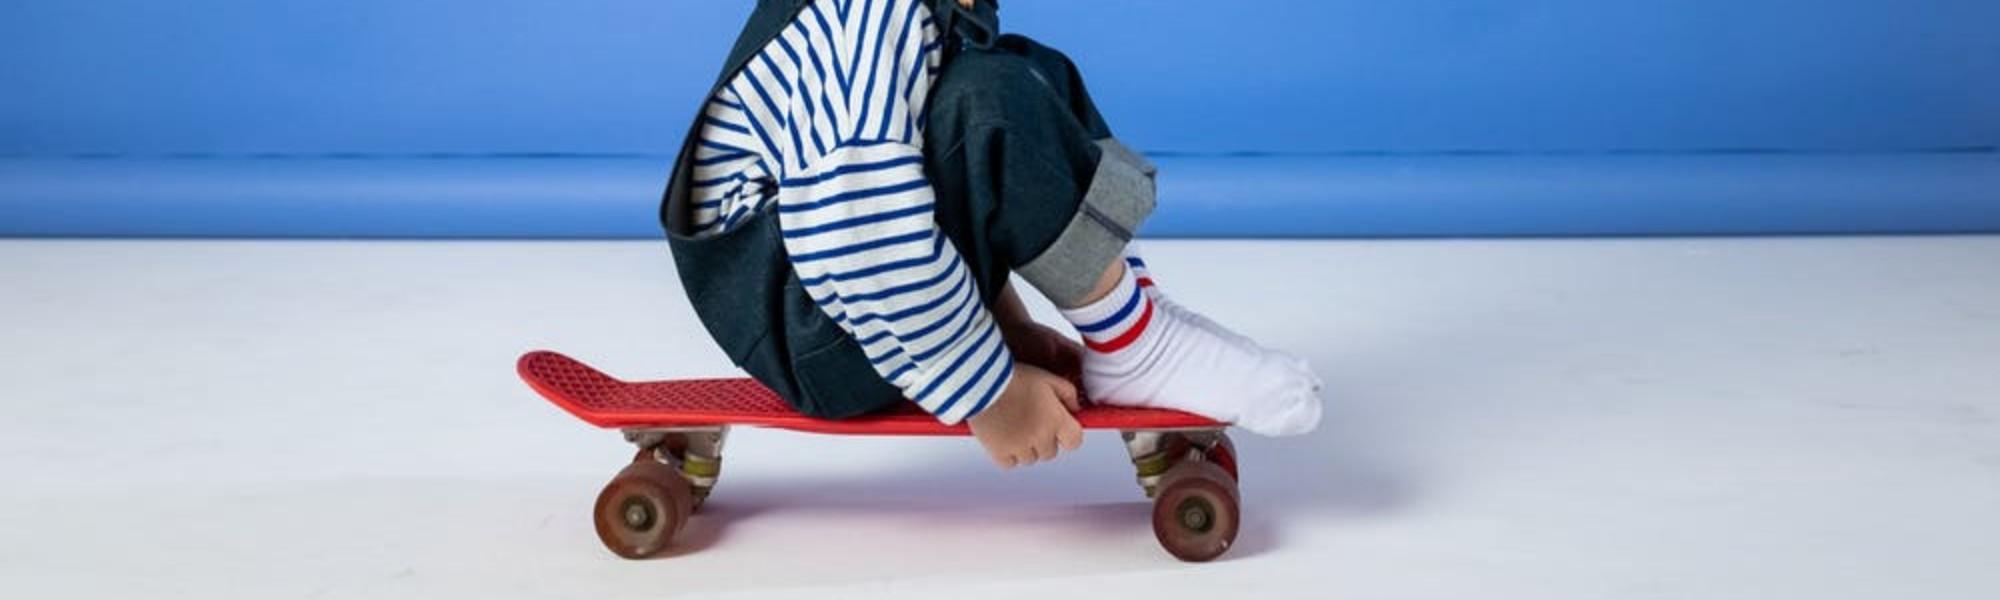 Kuvassa lapsi istuu skeittilaudan päällä.